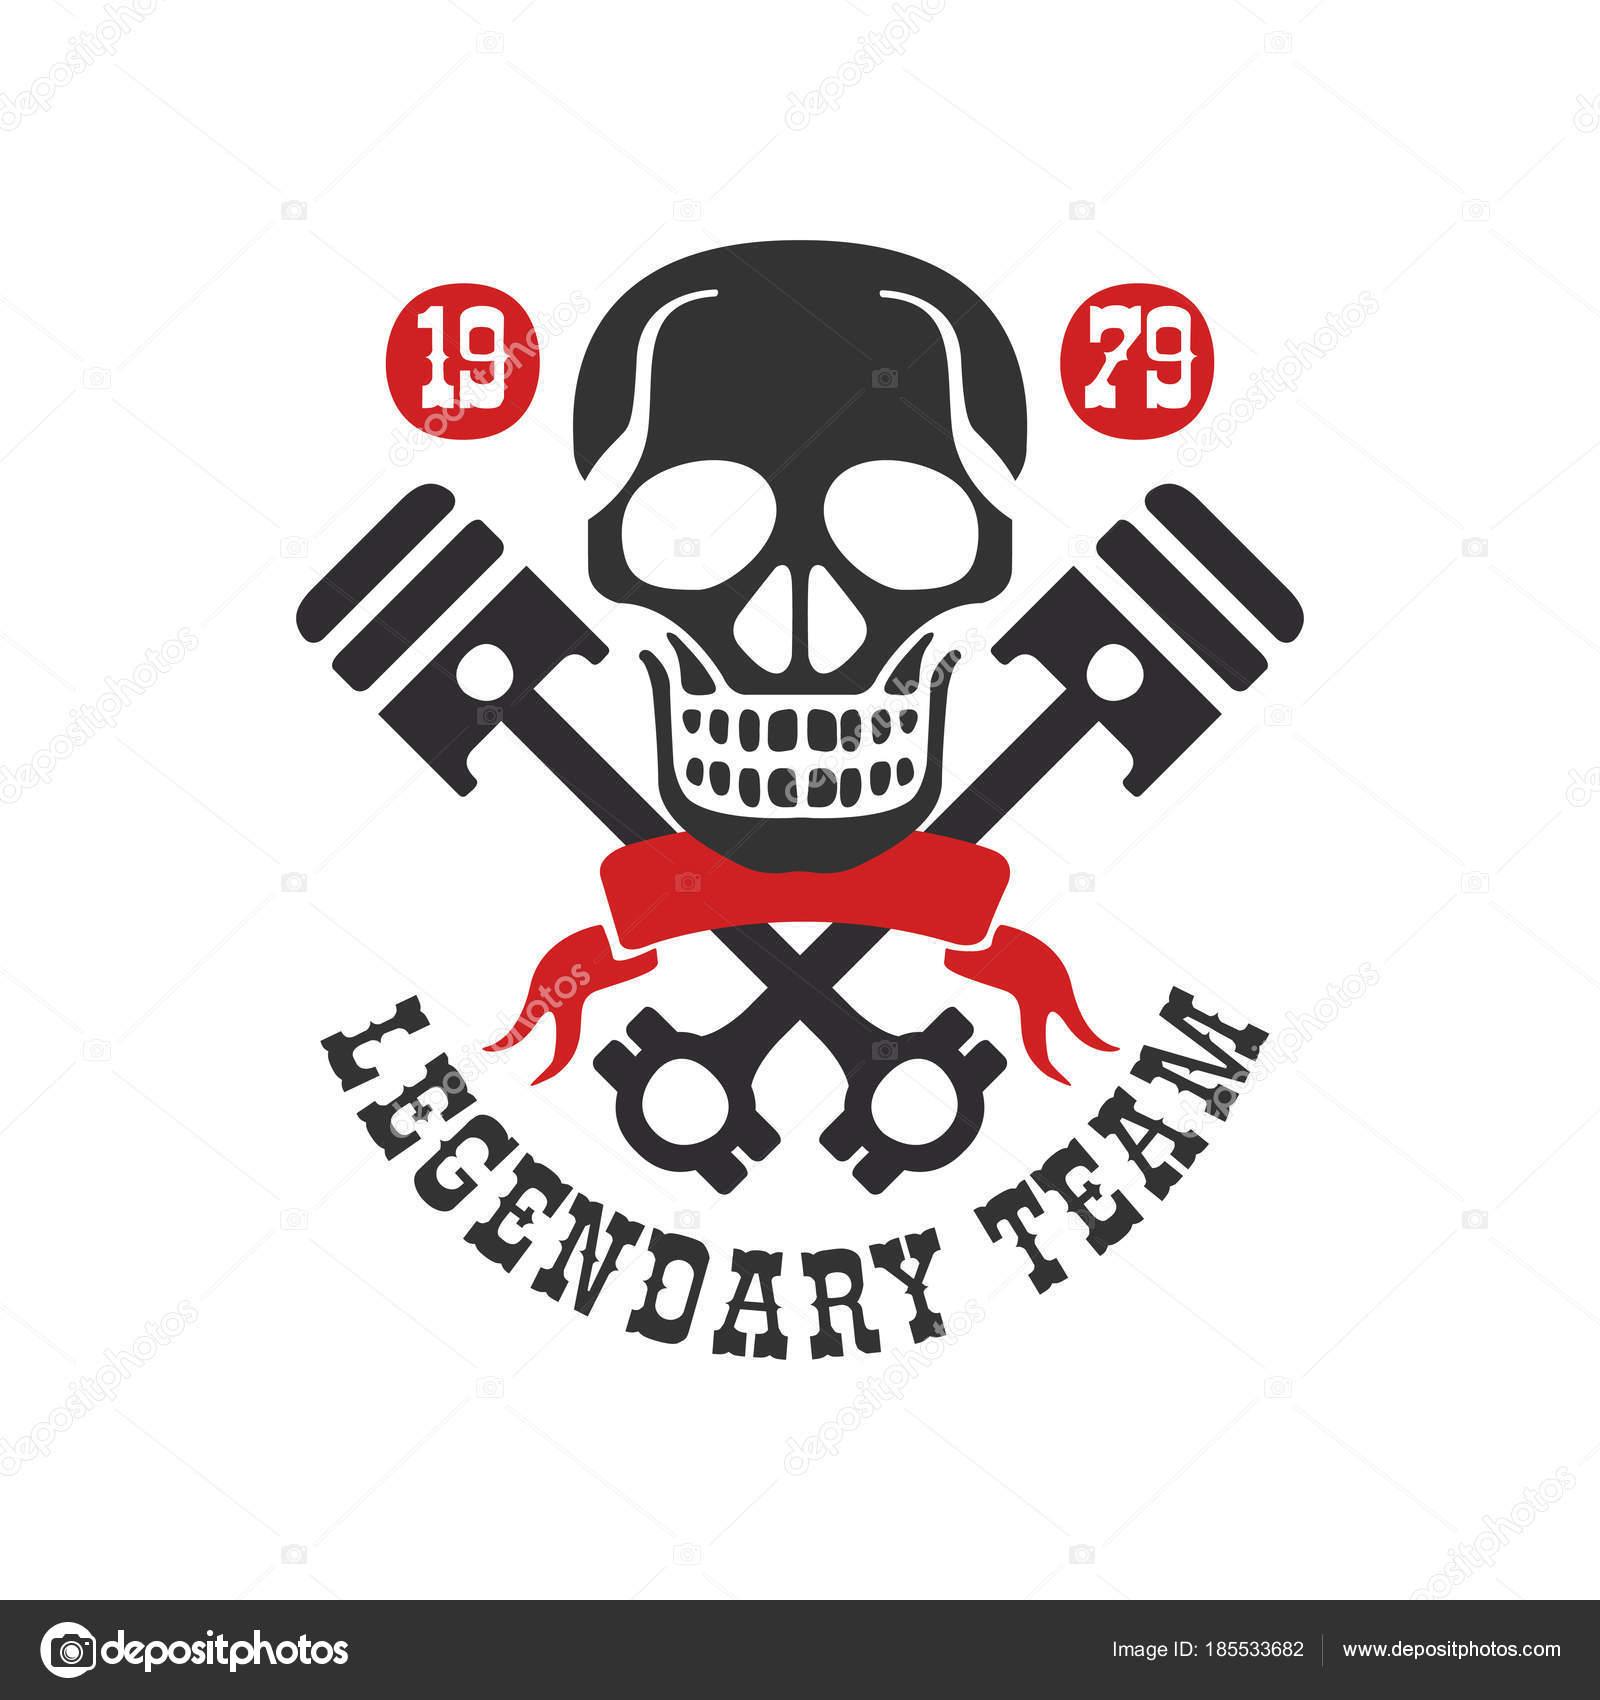 Legendary Tean Logo 1979 Design Element For Moto Or Biker Club